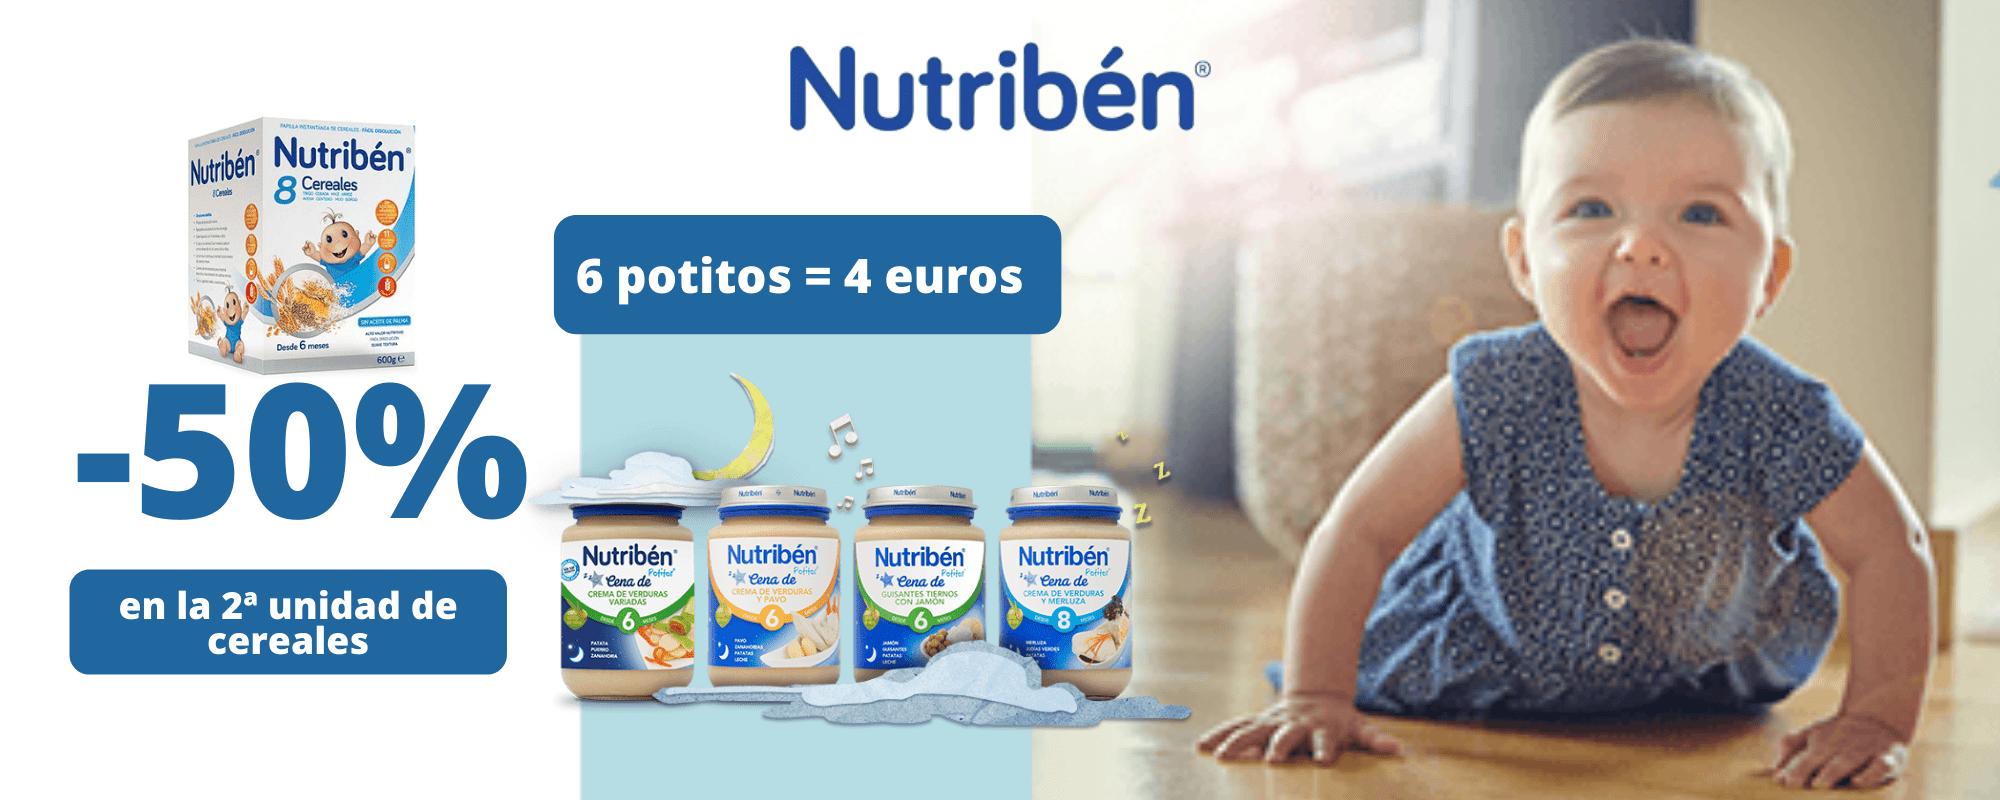 Nutribén - 50 % descuento en cereales en Farmacia Ciudad Alta